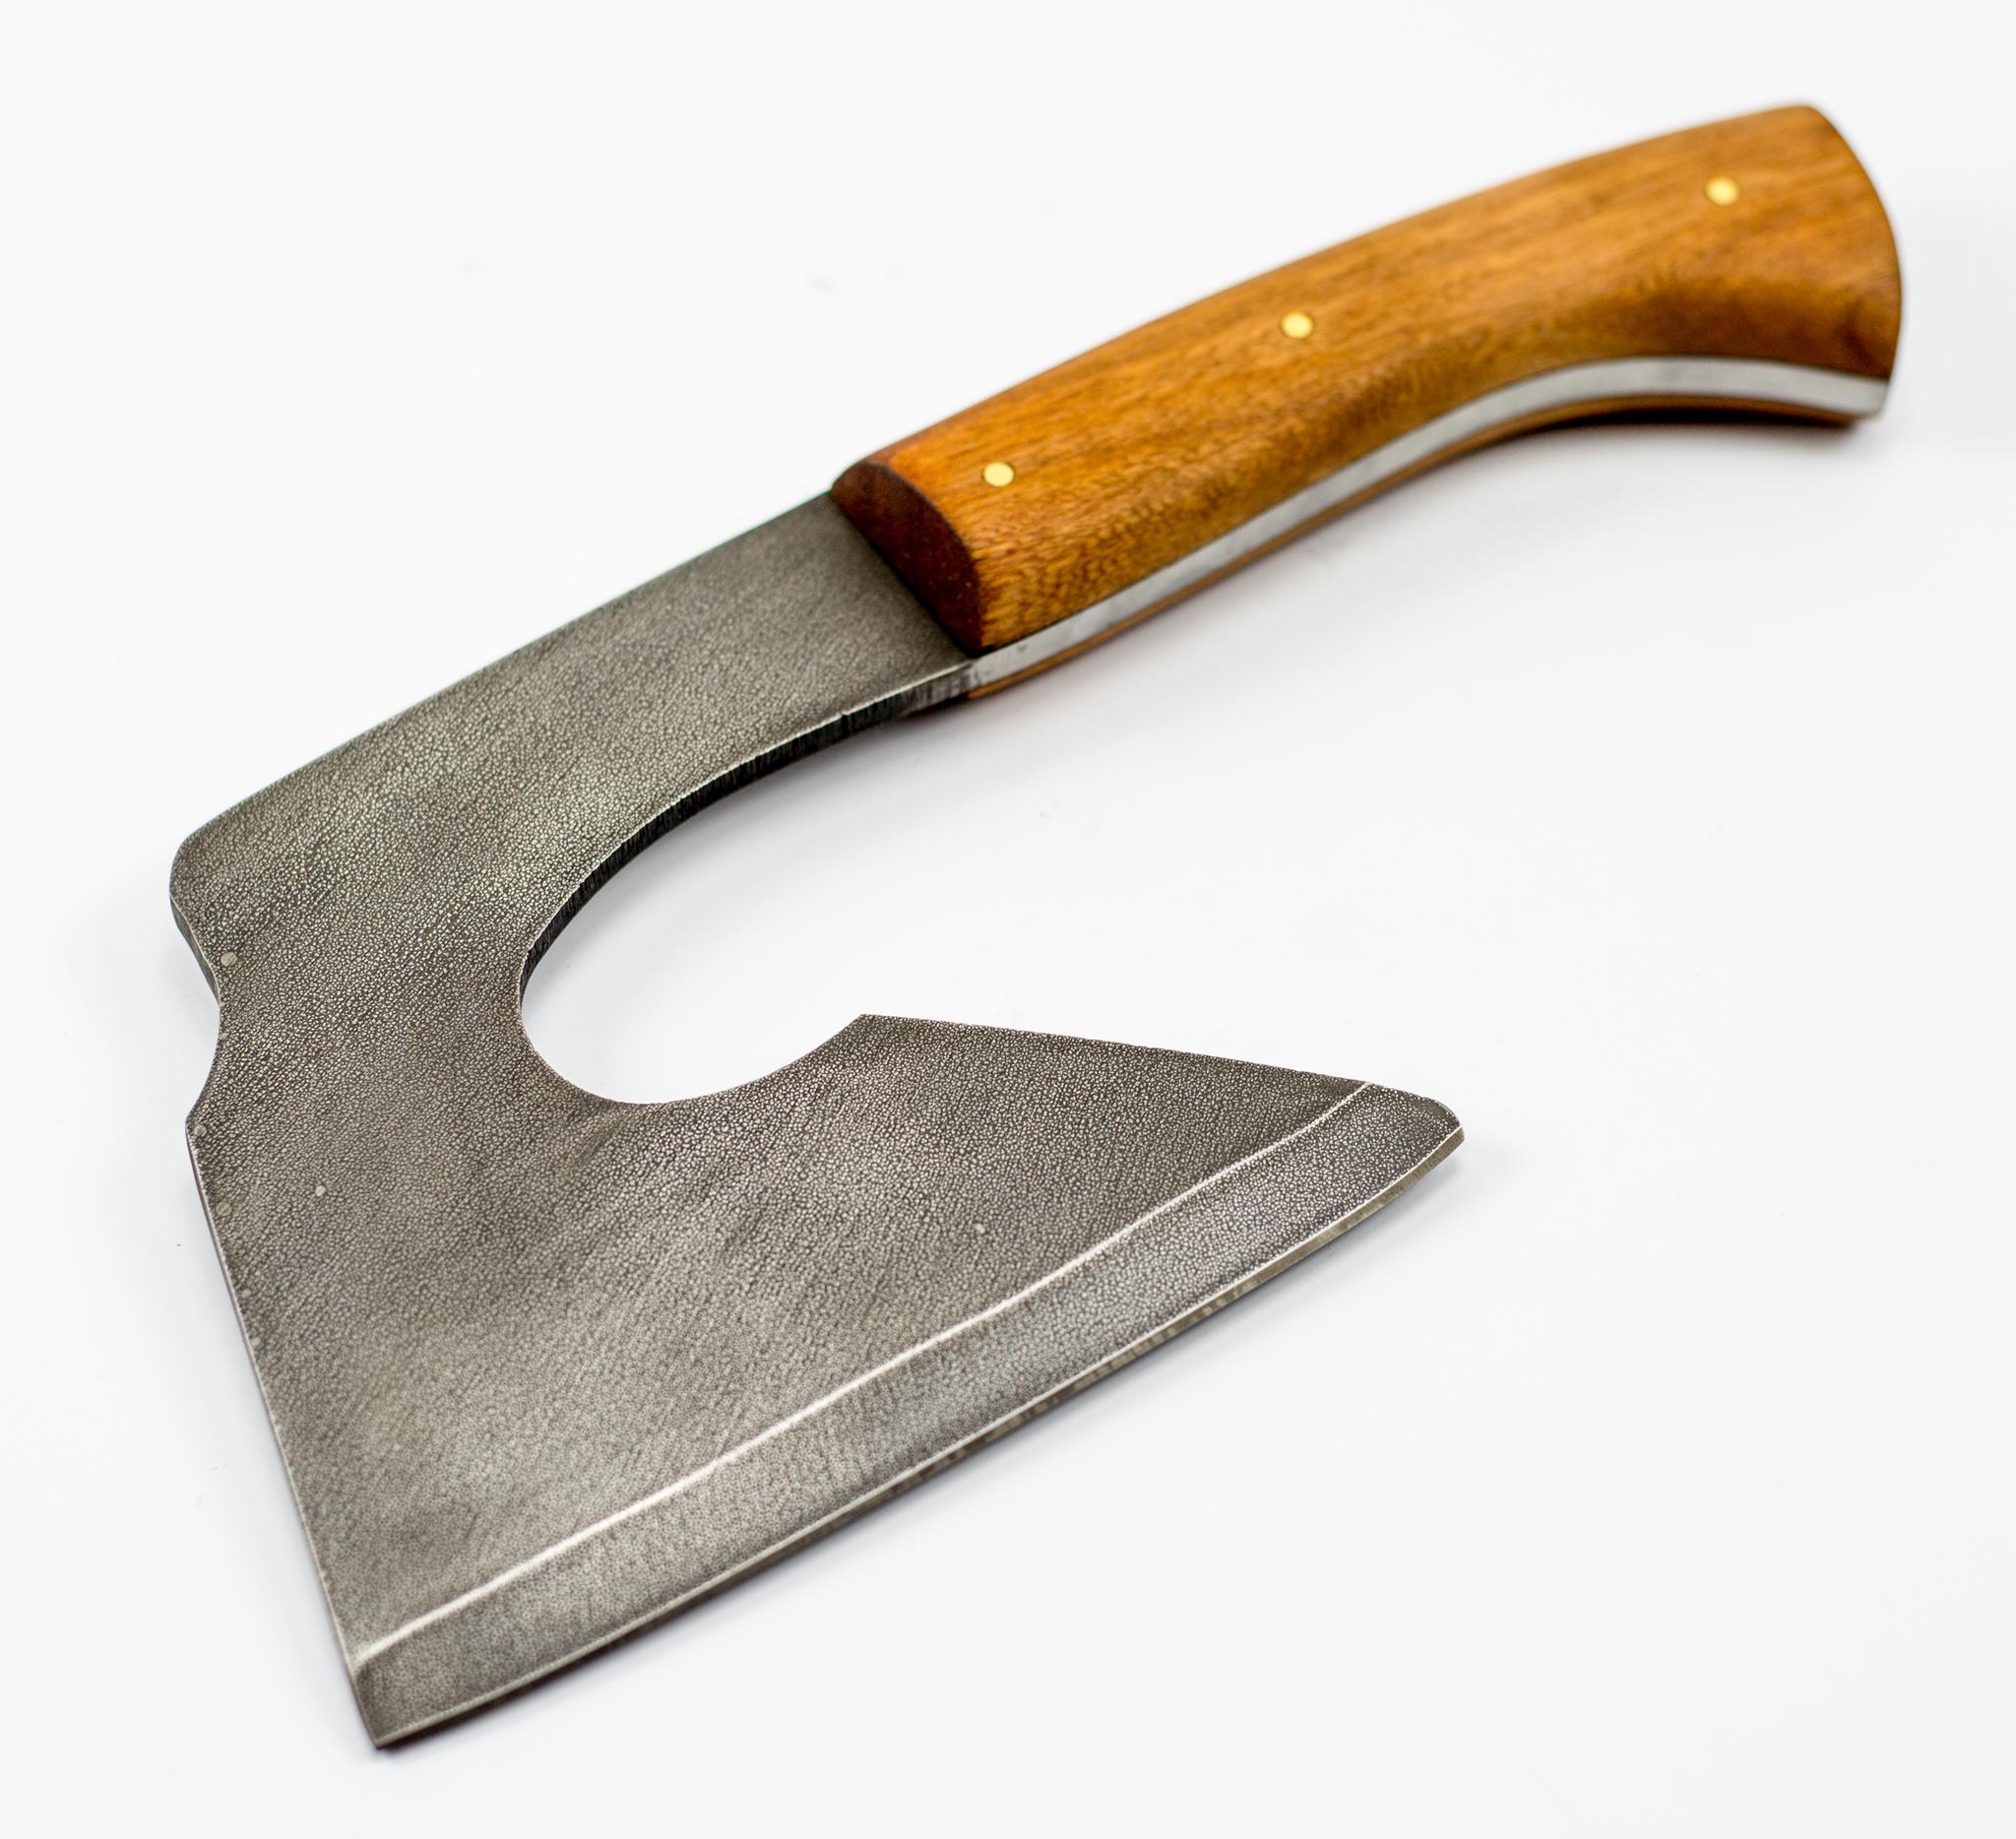 Тяпка малая, сталь 9ХС, орех